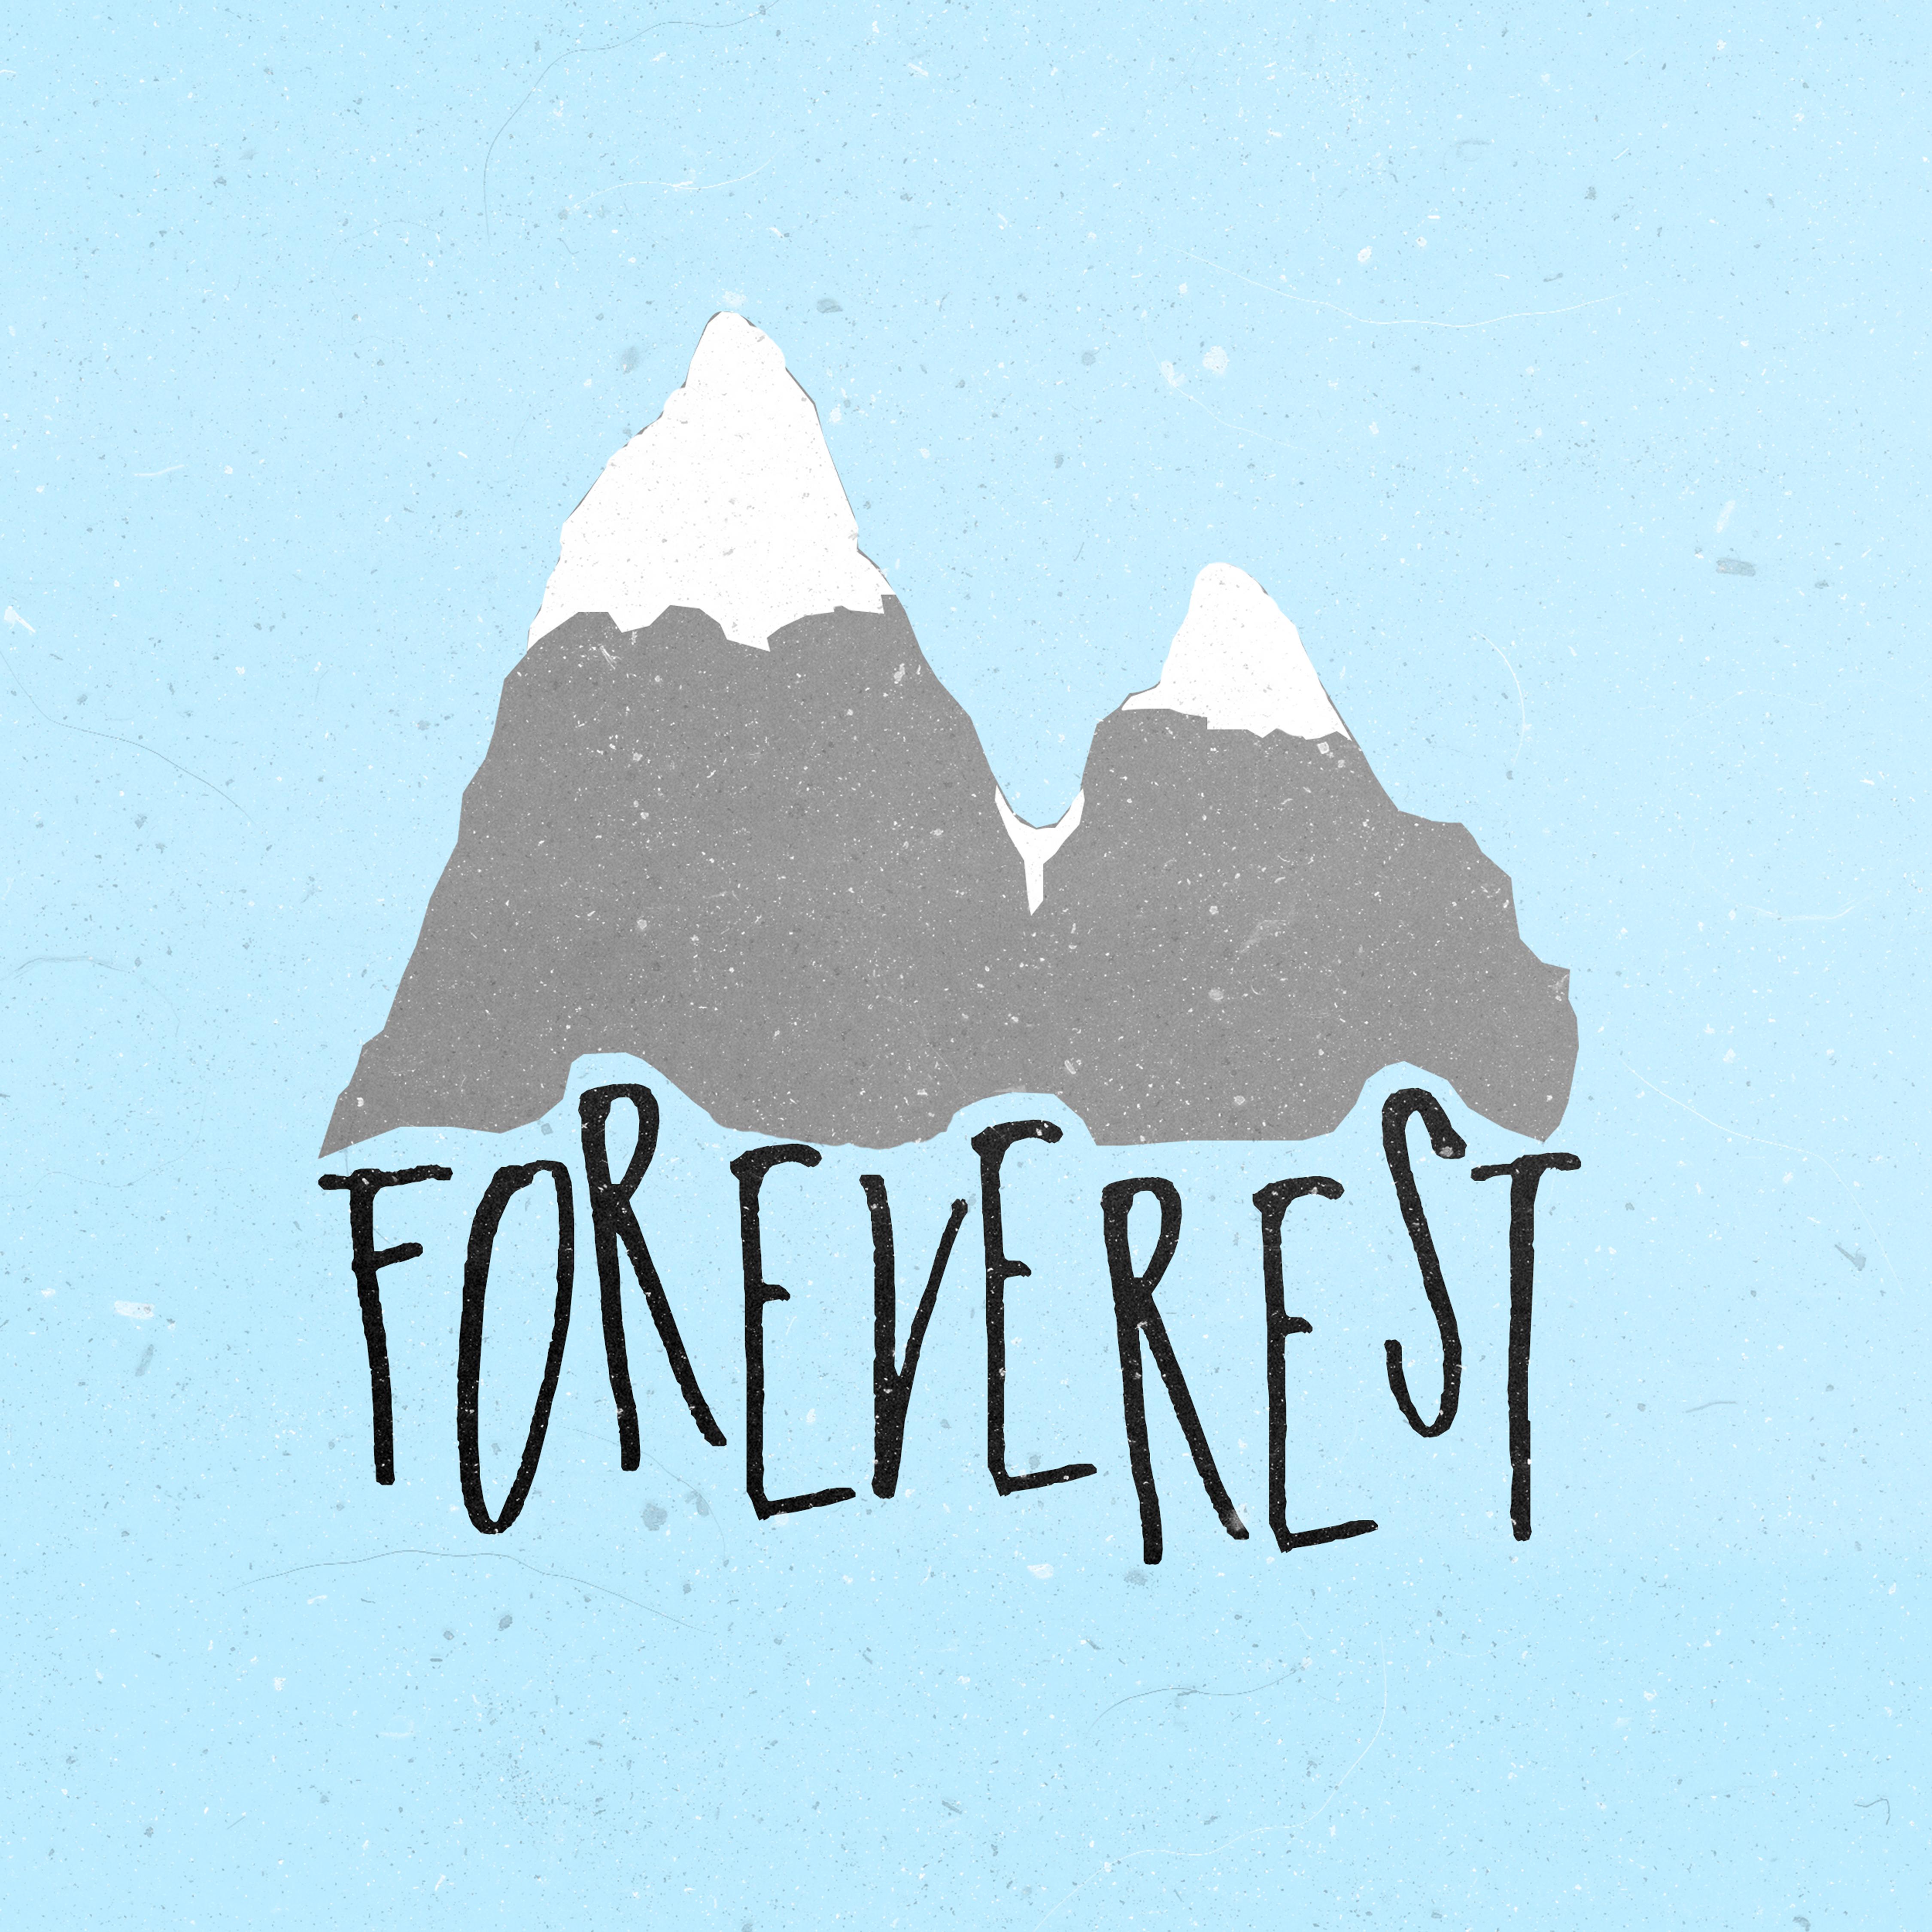 Foreverest